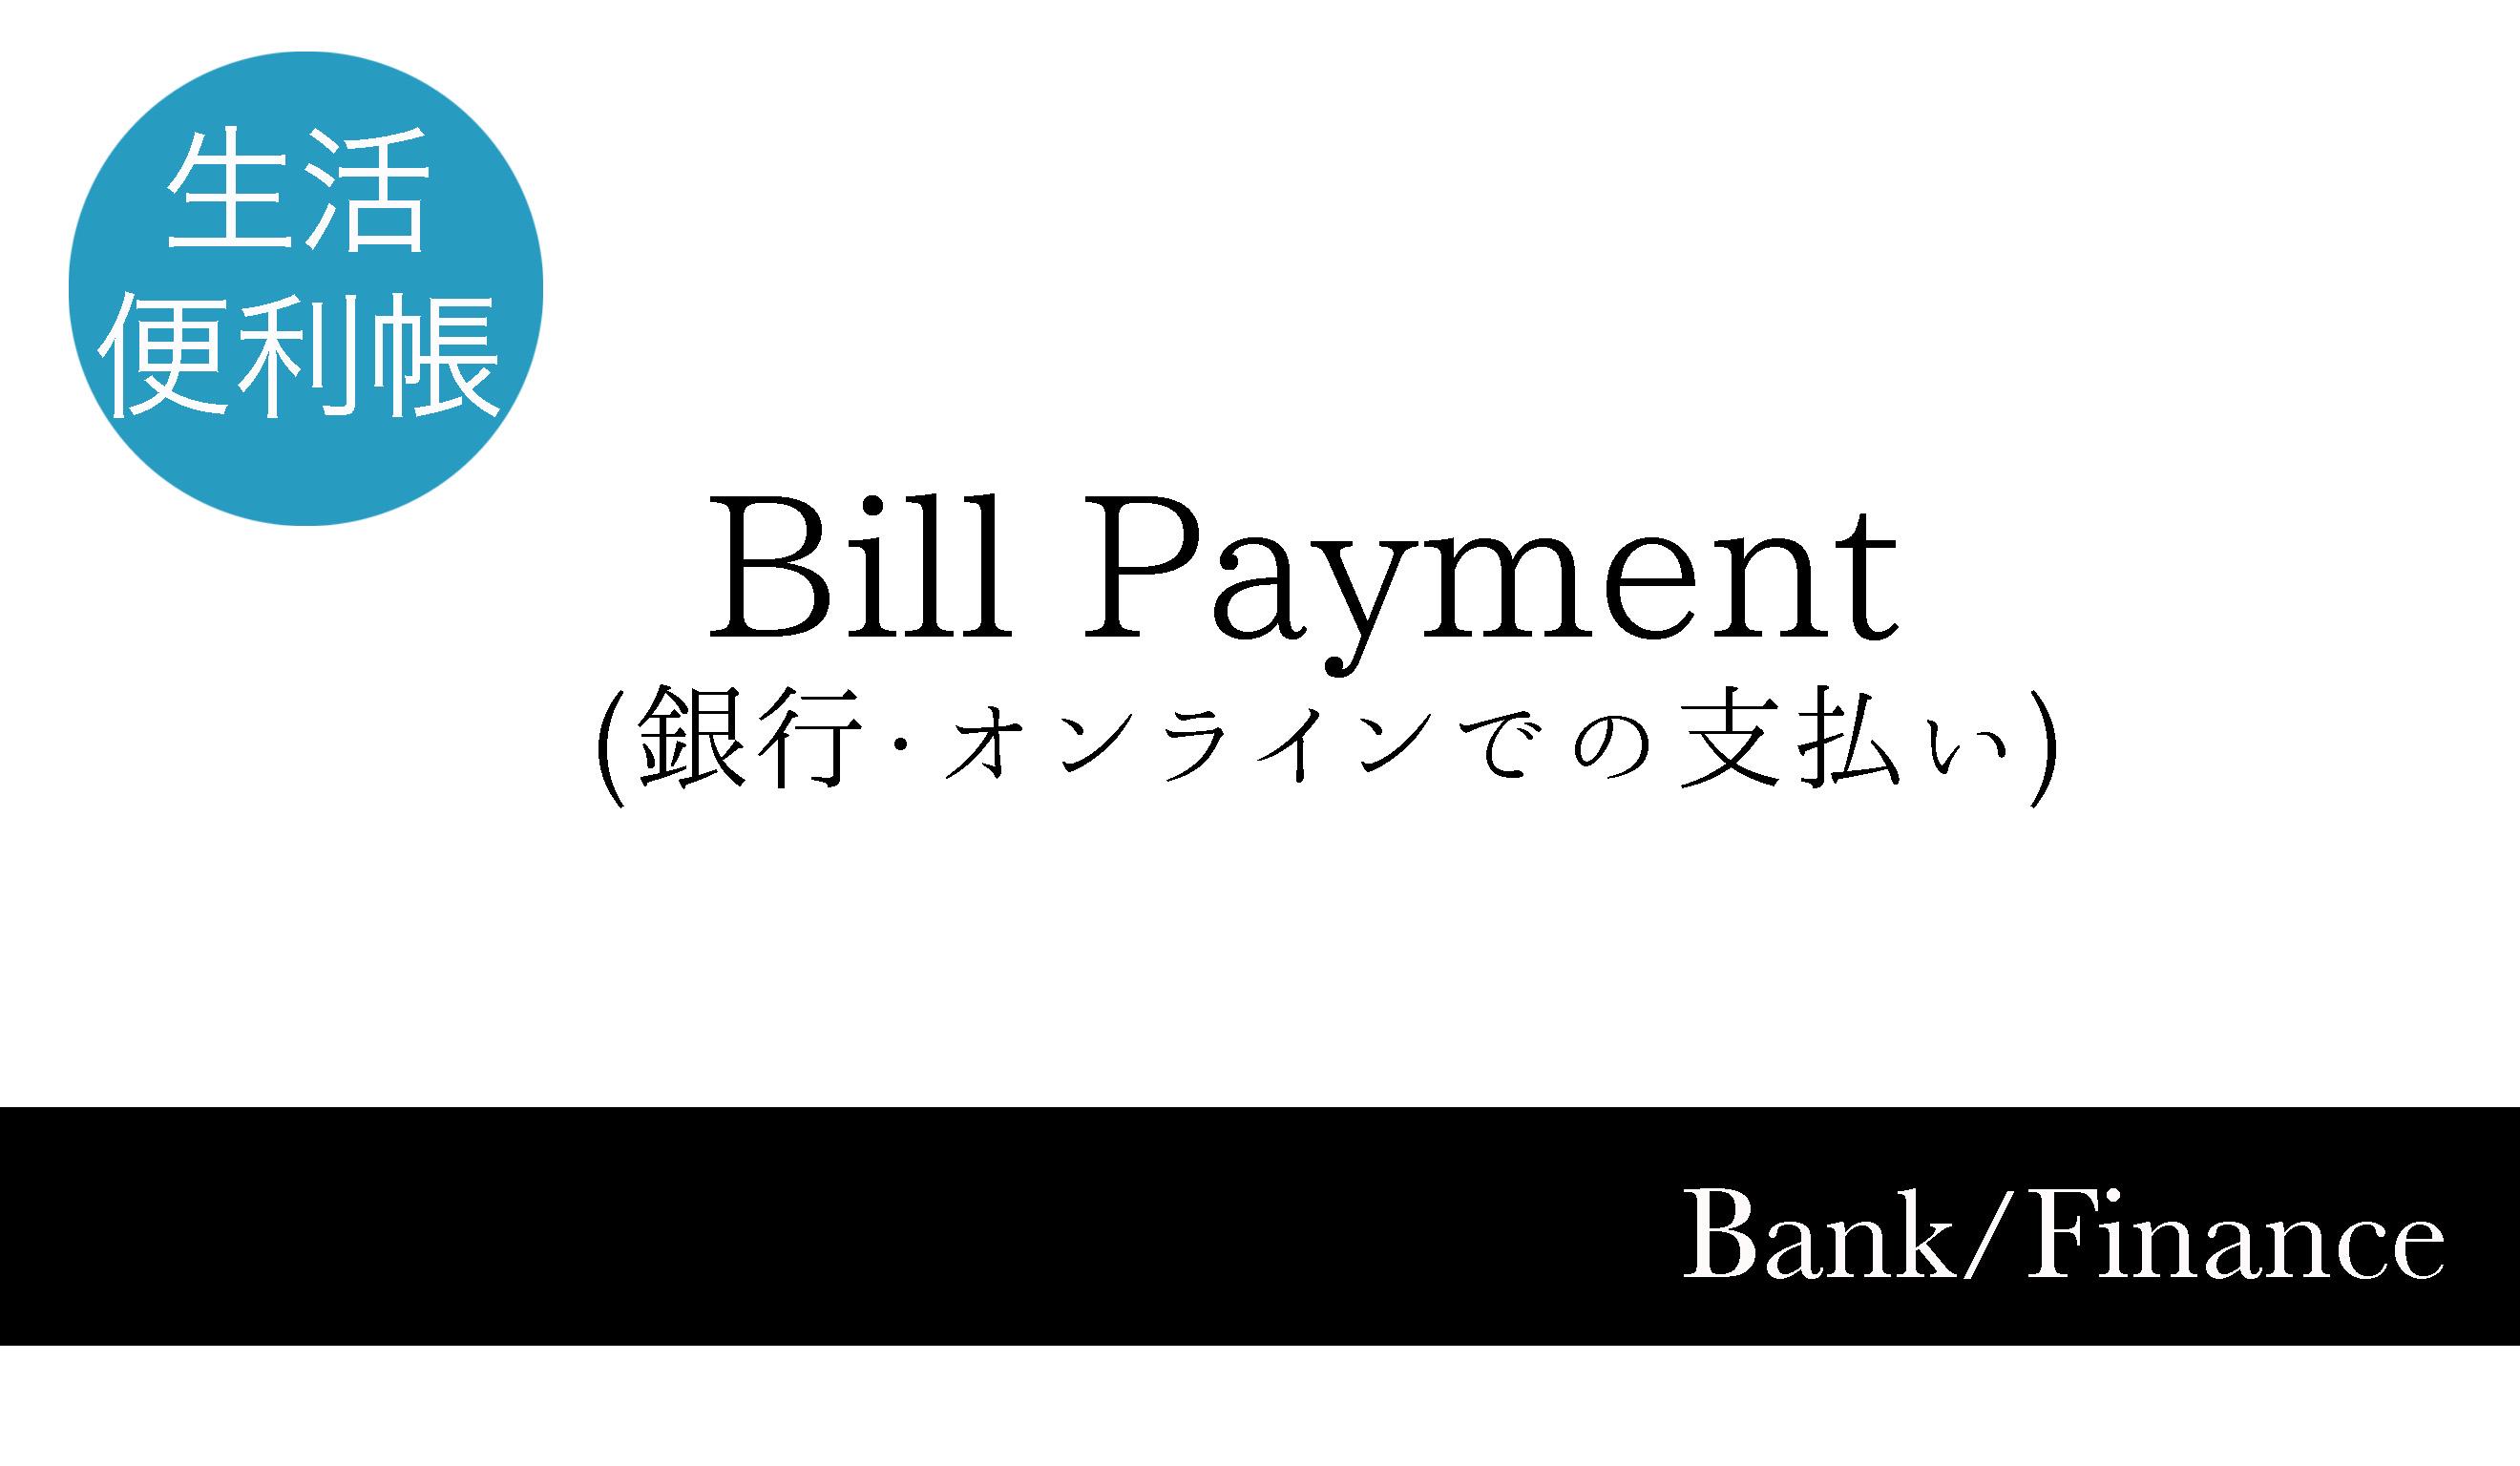 bill payment 銀行のオンラインでの支払い carolina情報